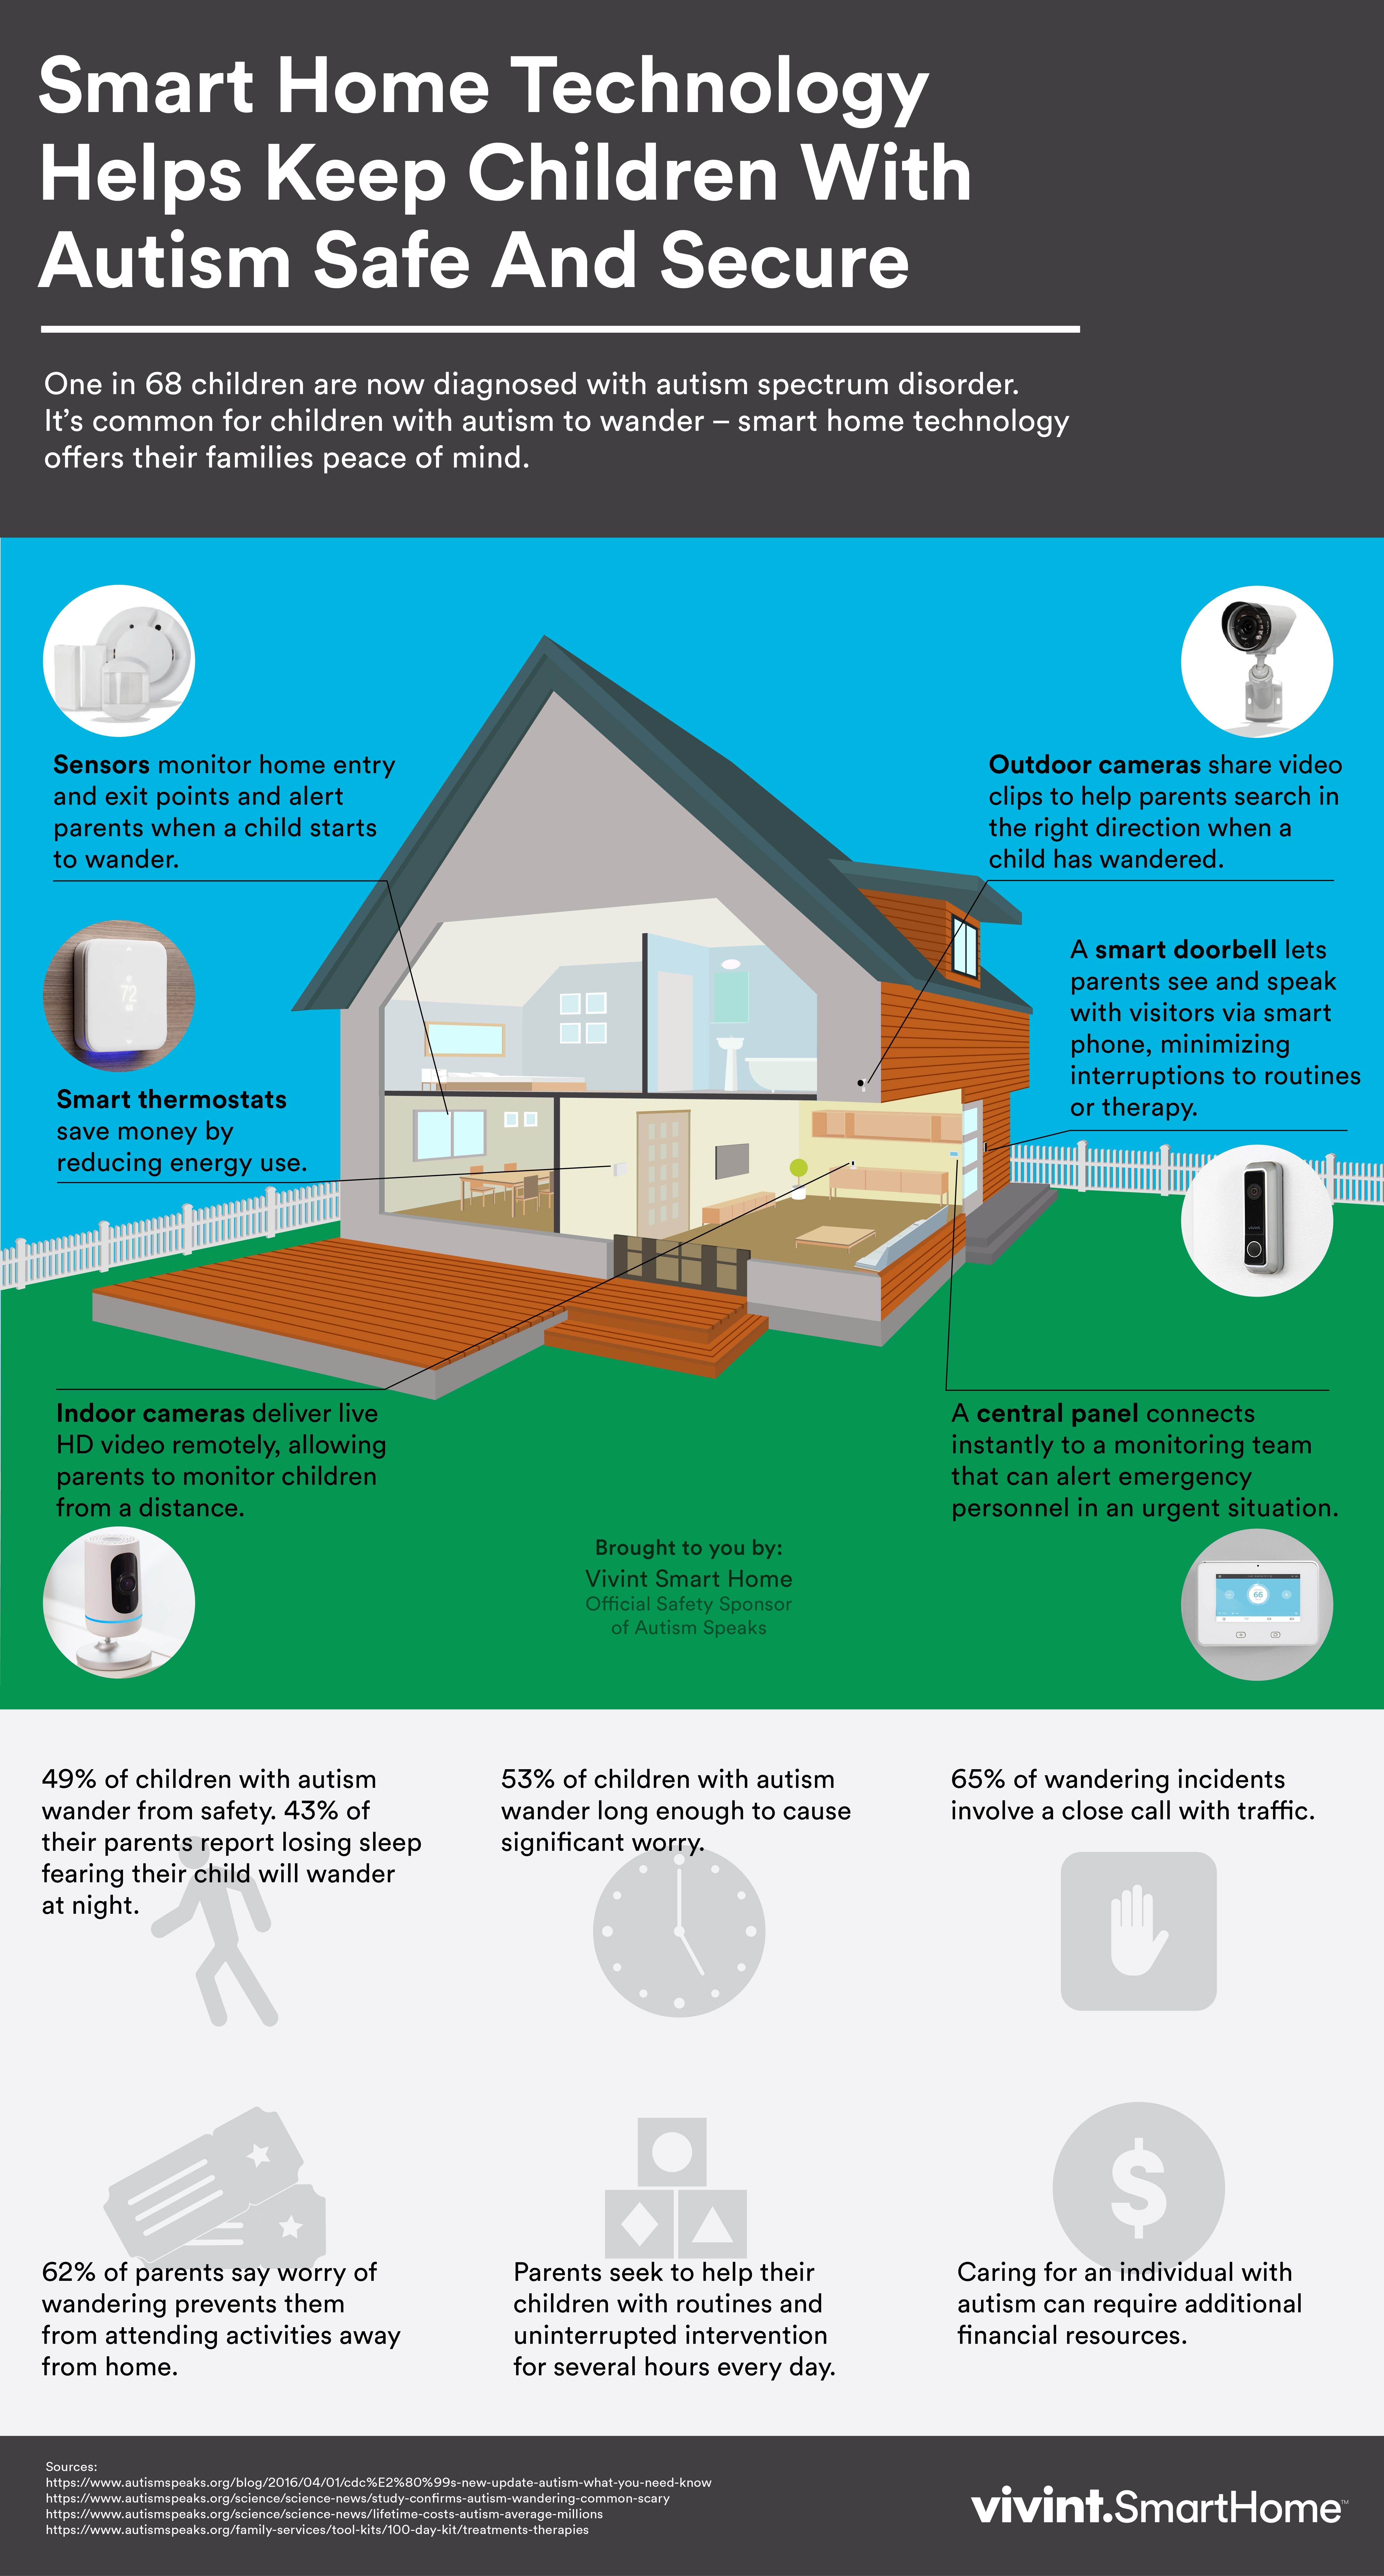 smart home technology helps keep children autism safe and smart home technology helps keep children autism safe and secure business wire